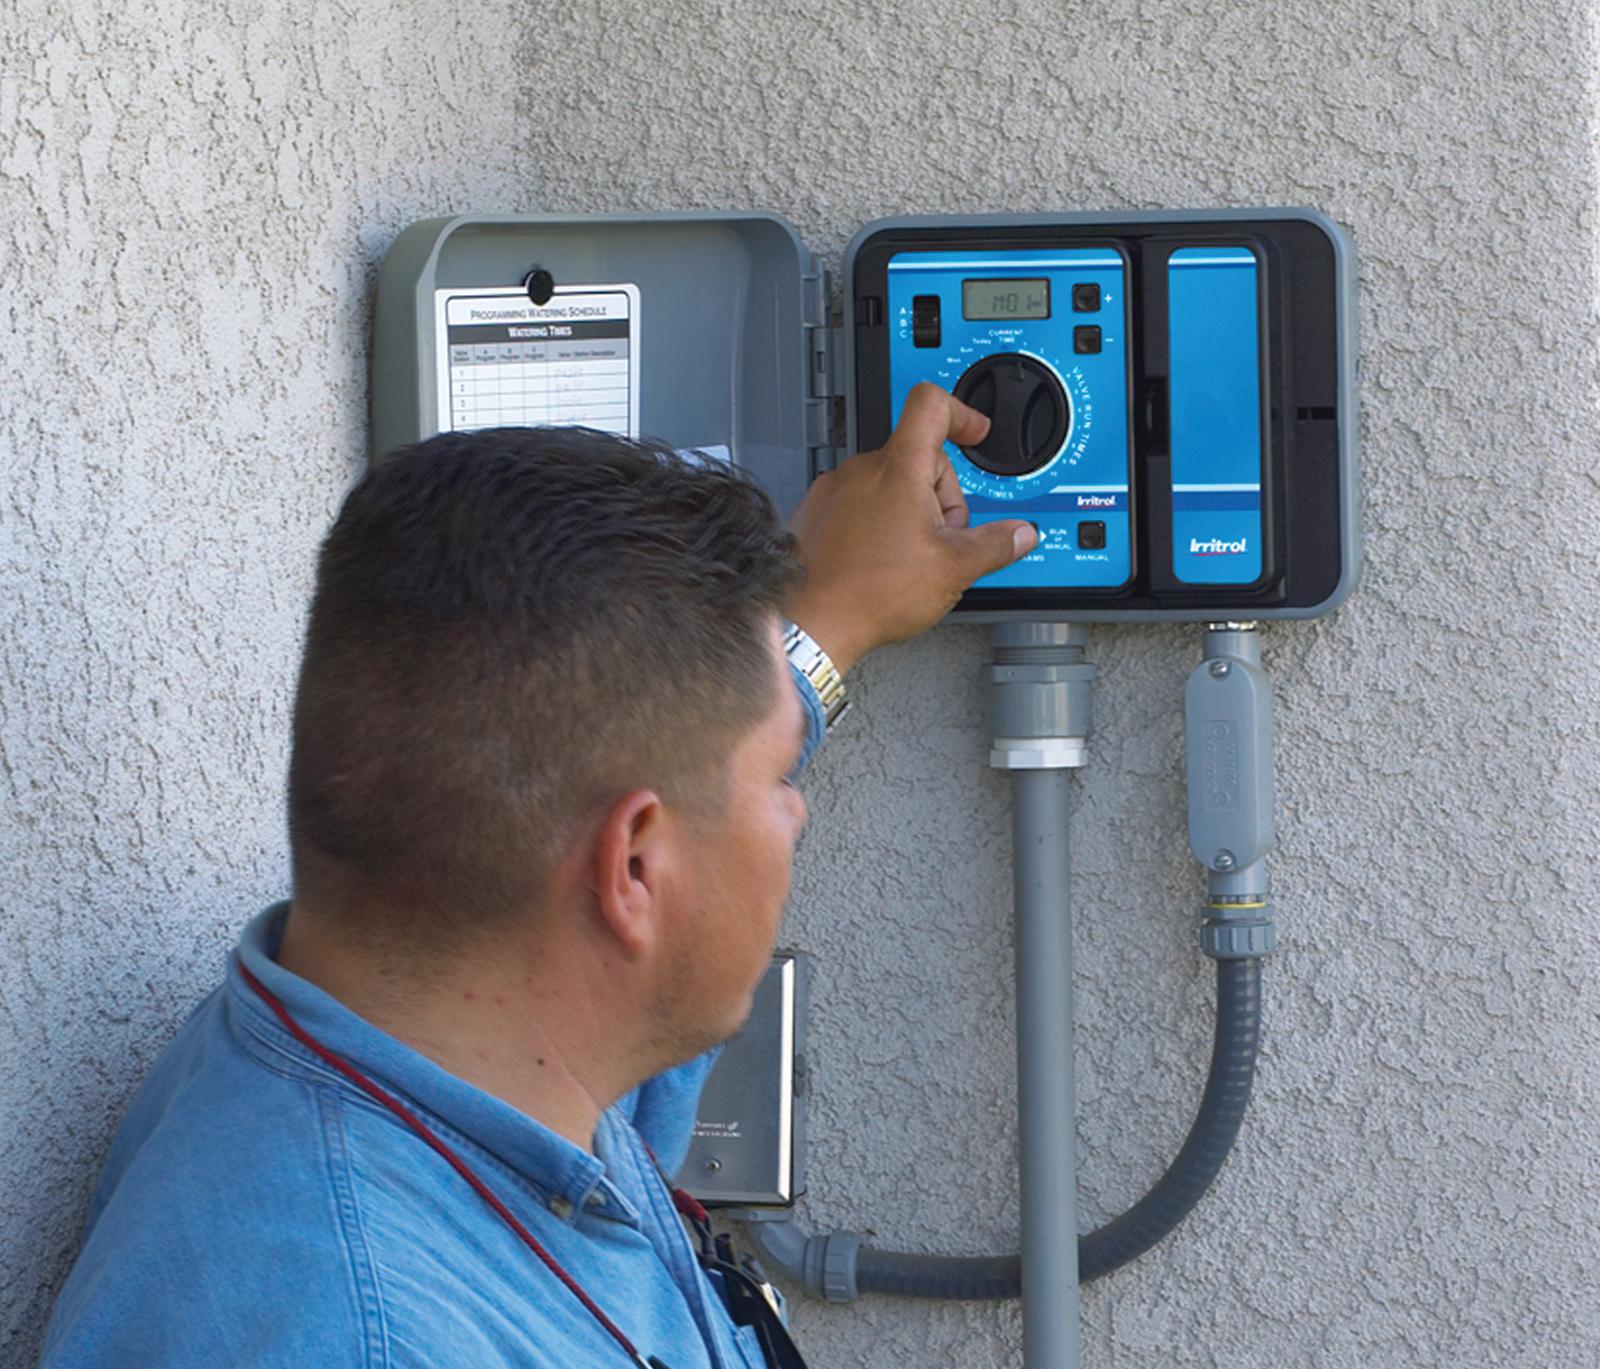 raindial_location.ashx?mw=700&mh=599&hash=2747F45B4FAA2DA5D19425B7BA775ADFCFC4E8A7 irritrol rain dial� r series irritrol rd-600 wiring diagram at mifinder.co